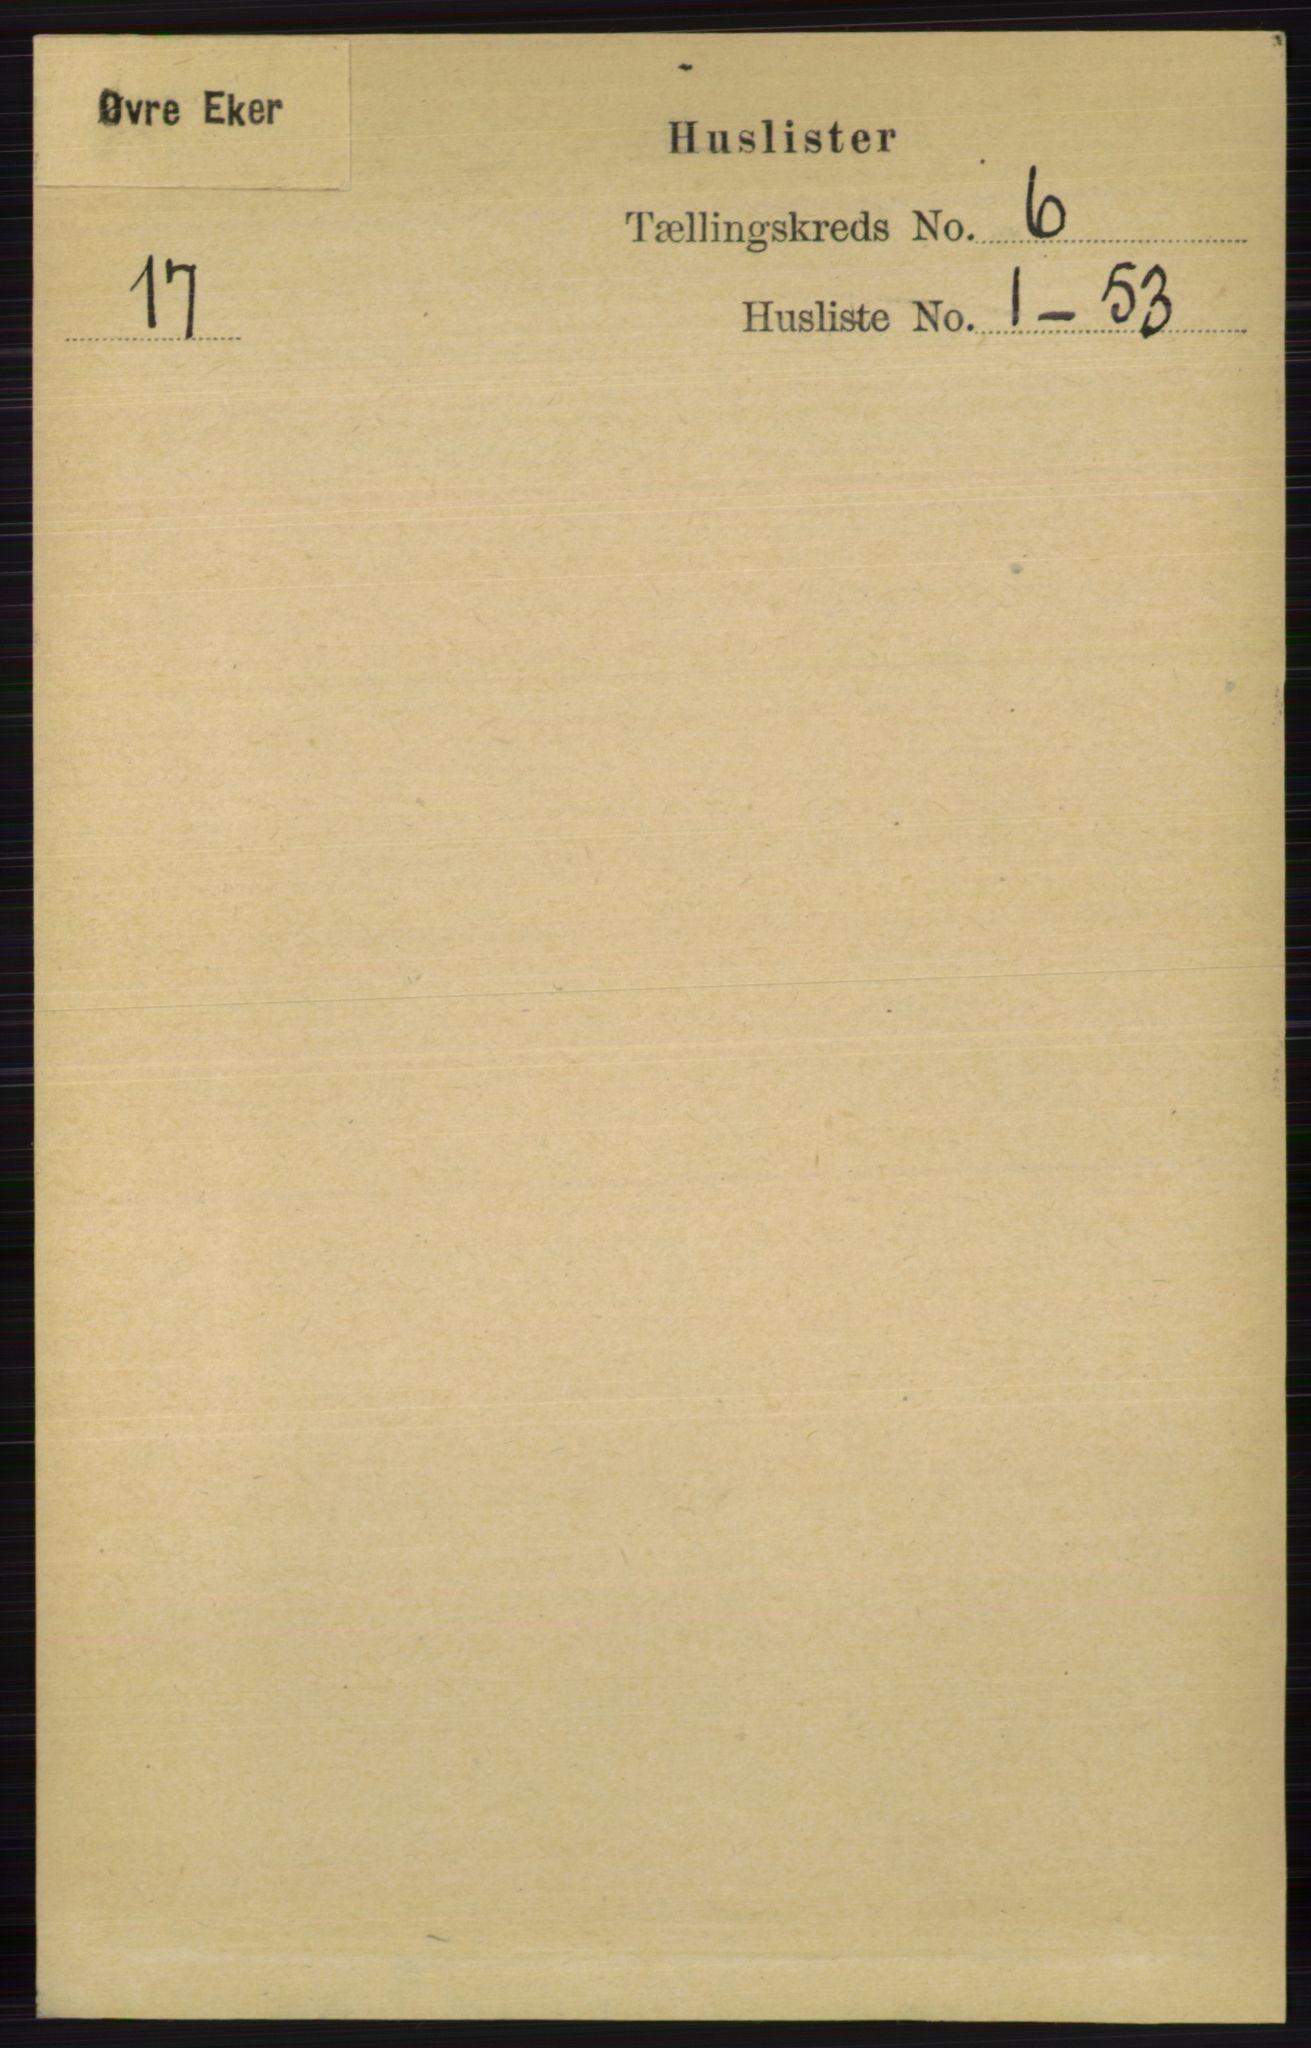 RA, Folketelling 1891 for 0624 Øvre Eiker herred, 1891, s. 2181